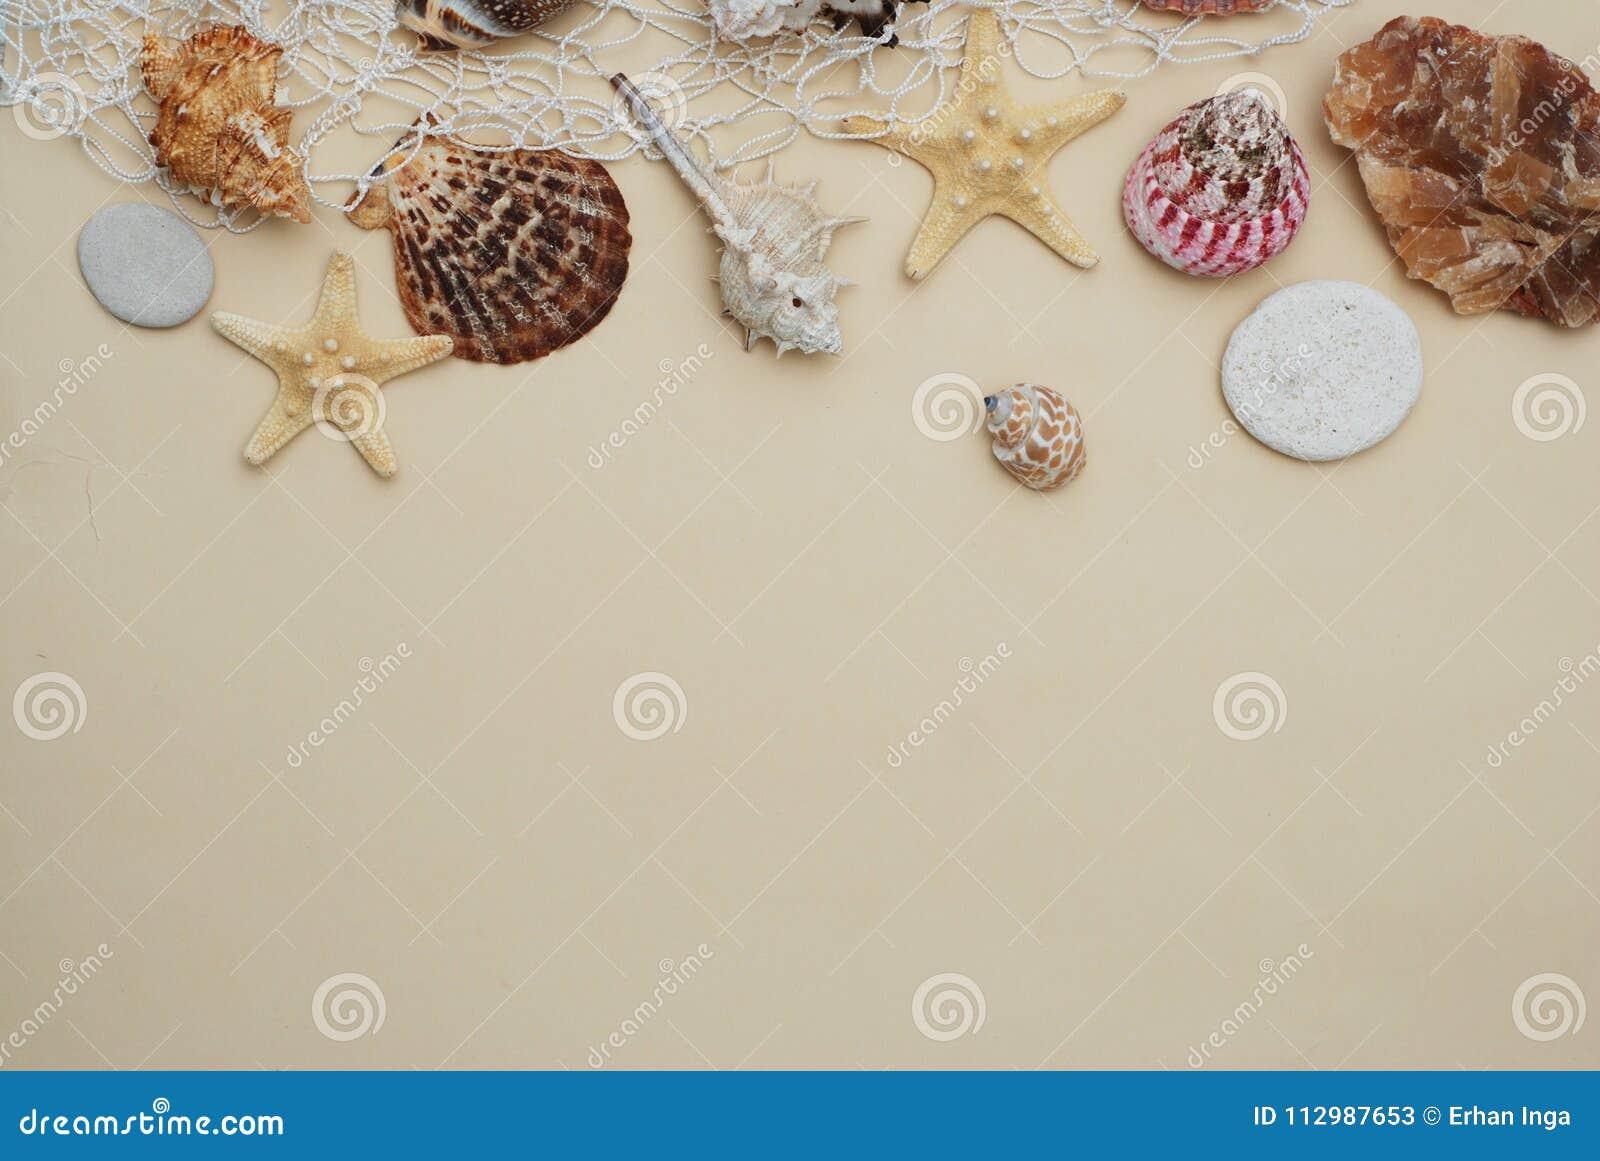 Sommer- und Ferienkonzept Mischung von Oberteilen und von Steinen über Elfenbein-Hintergrund mit Kopienraum für Text Beschneidung